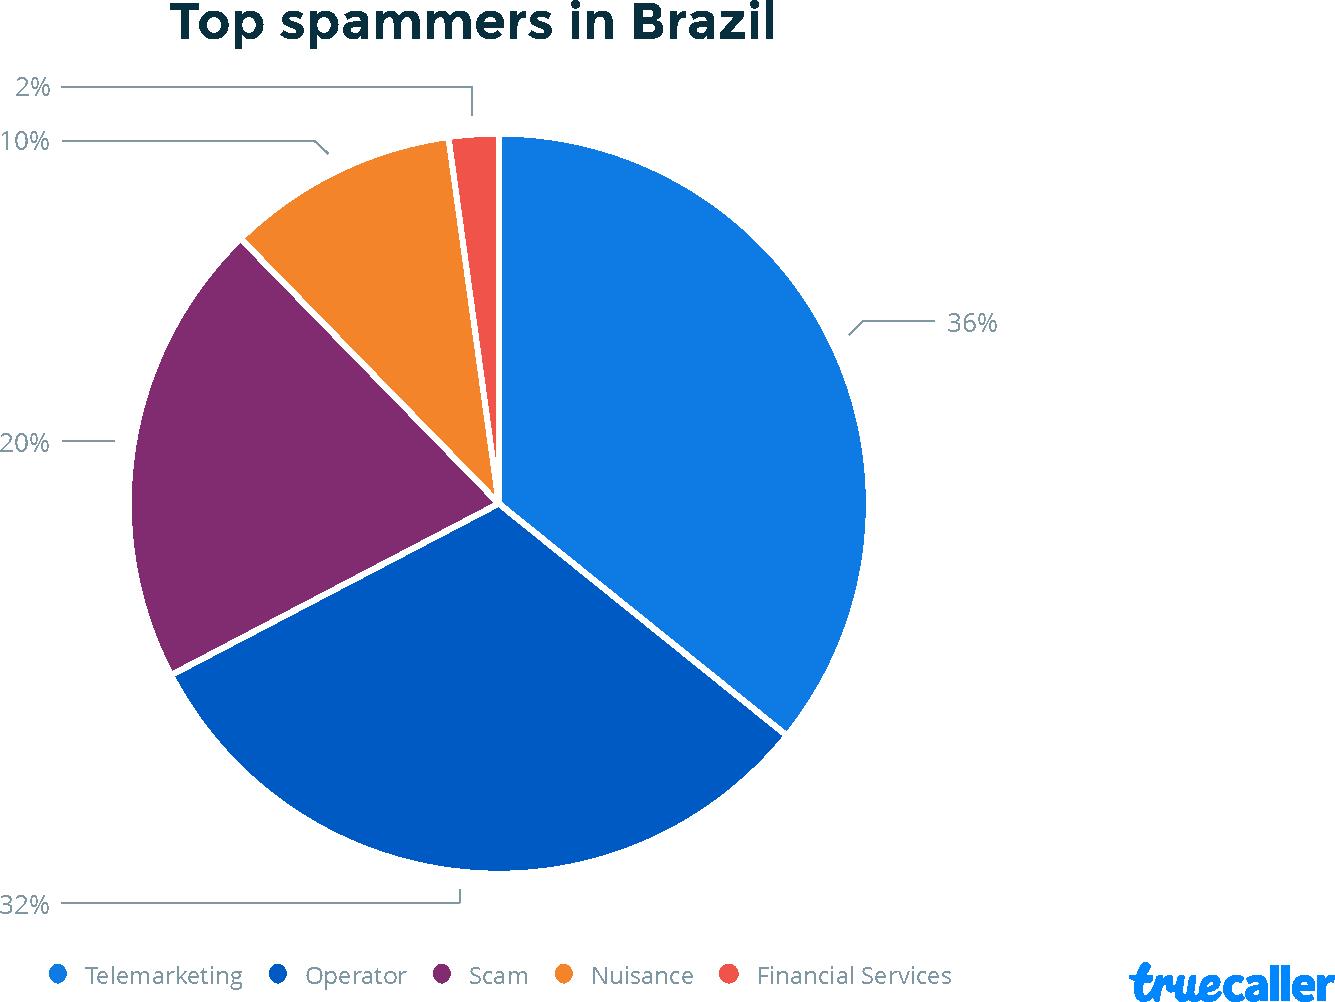 Origens das ligações de spam no Brasil